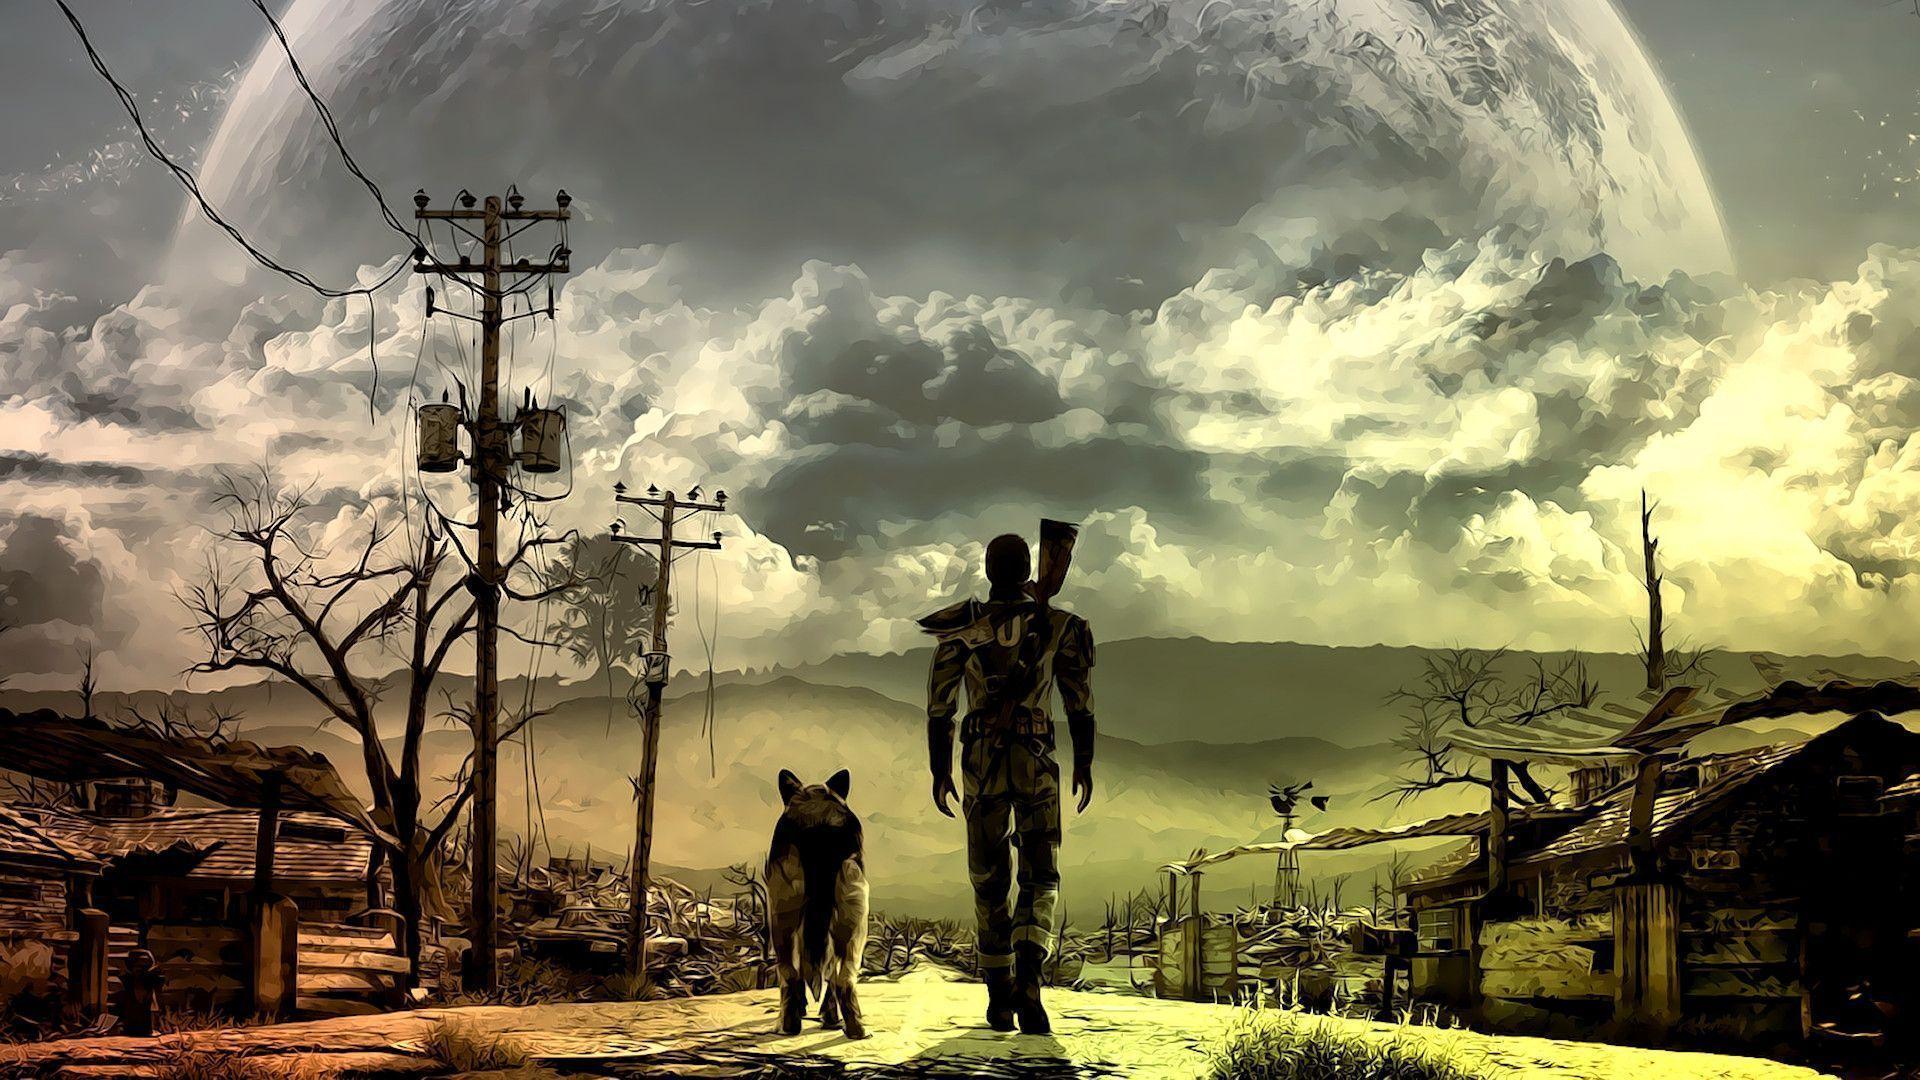 fallout wallpaper 2560x1440